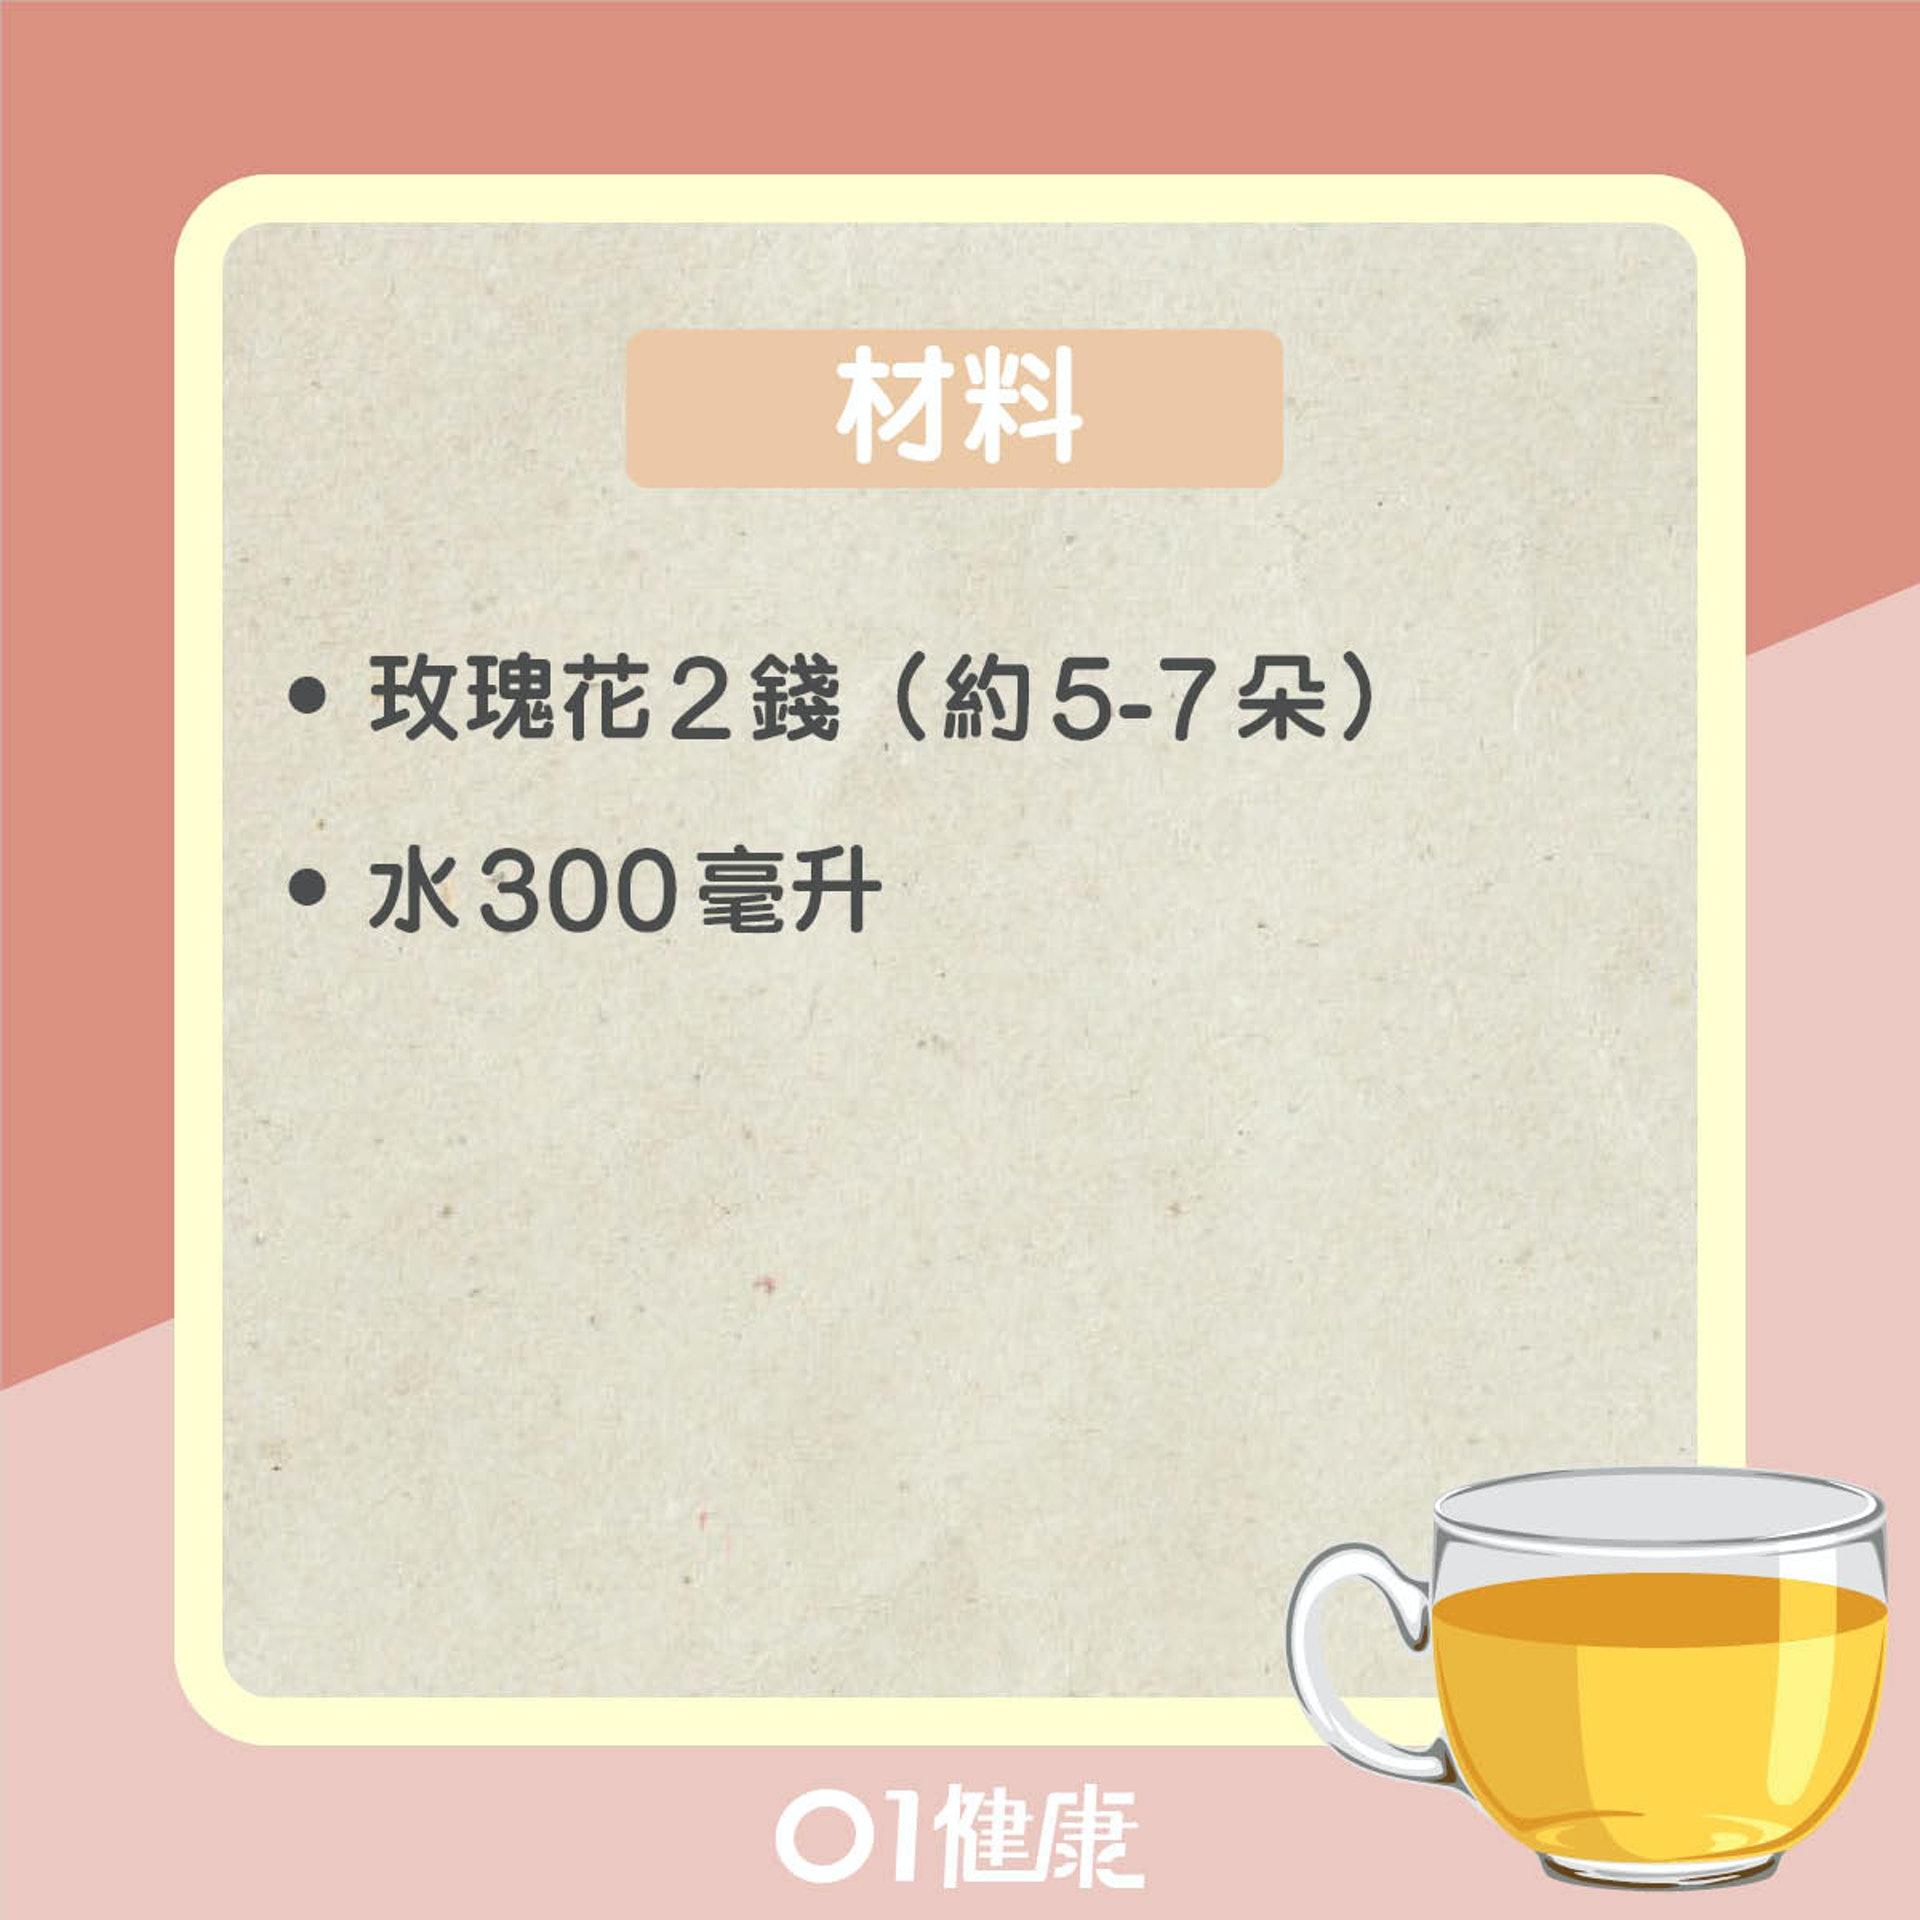 玫瑰花茶療(01製圖)